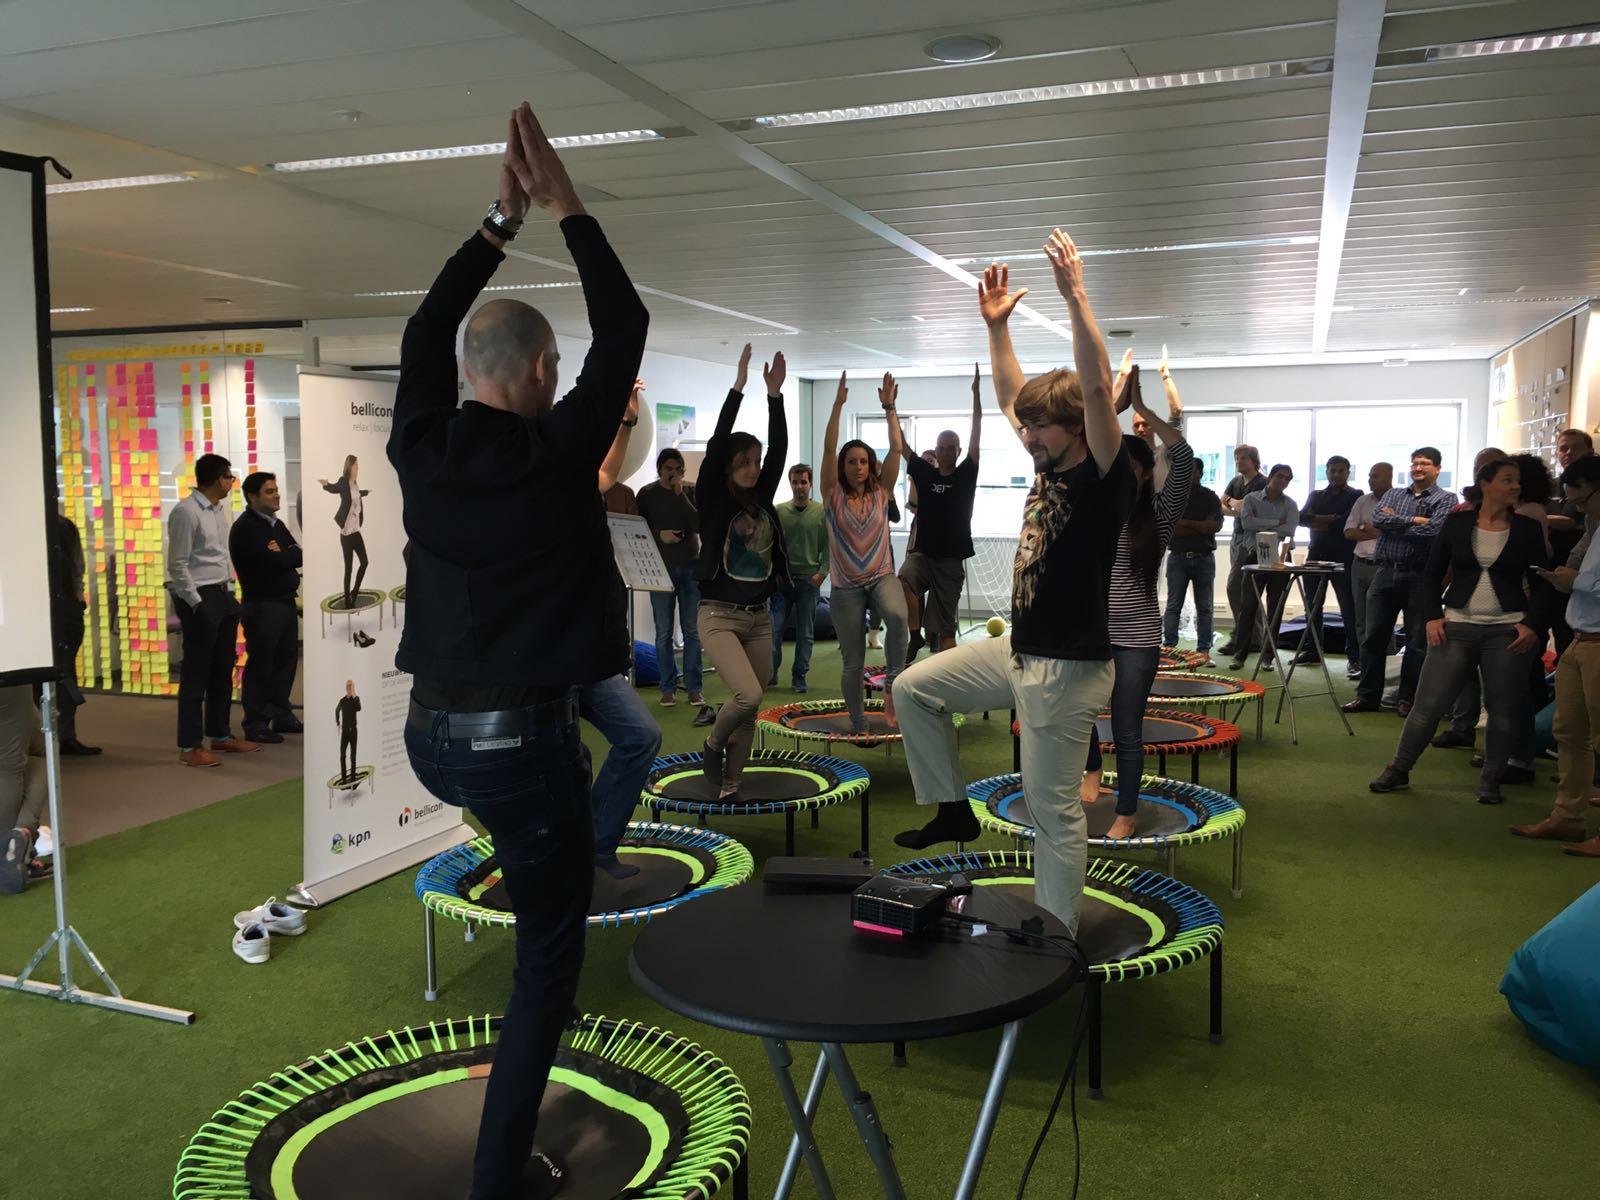 bedrijfsworkshops - Wil je op een originele en effectieve manier je medewerkers in beweging brengen en de productiviteit verhogen? Boek een trampoline les op locatie.